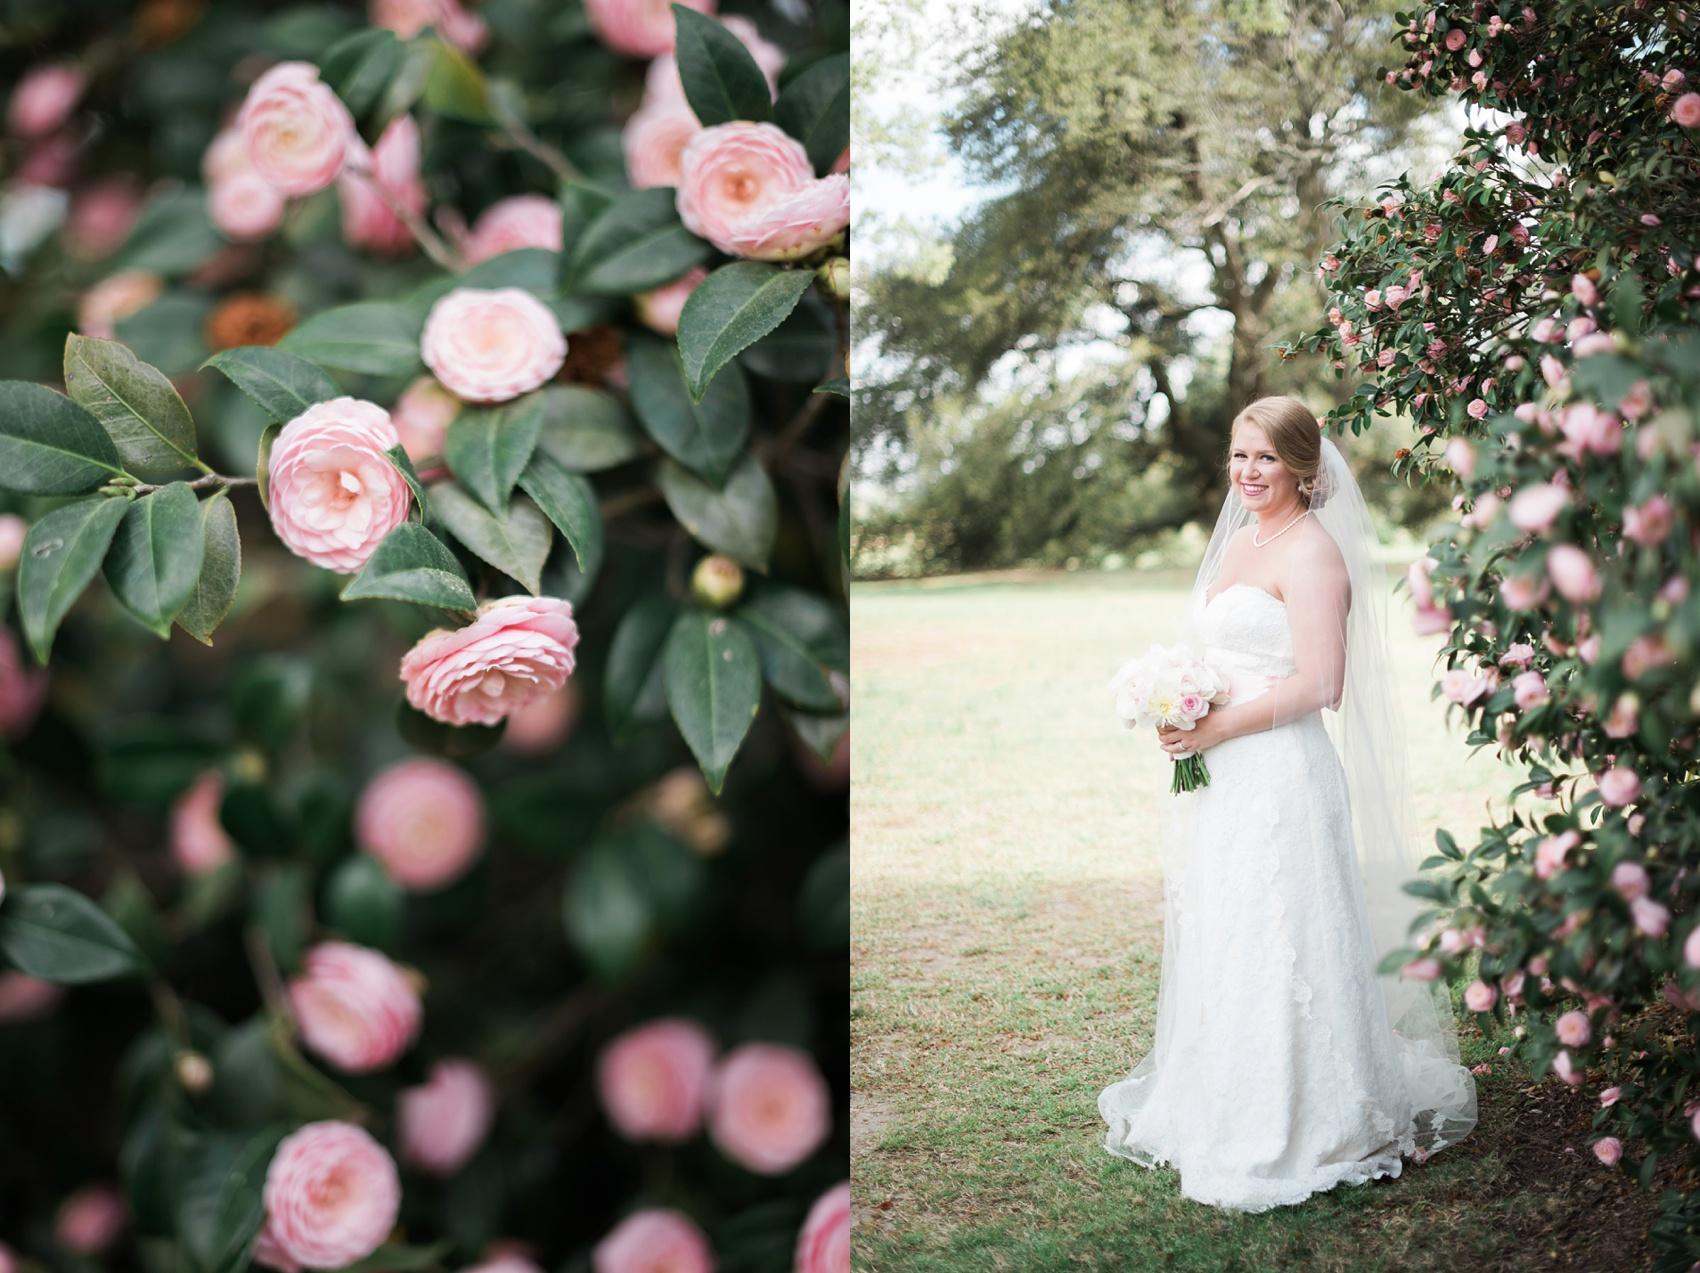 aiken_wedding_photographer_0158.jpg